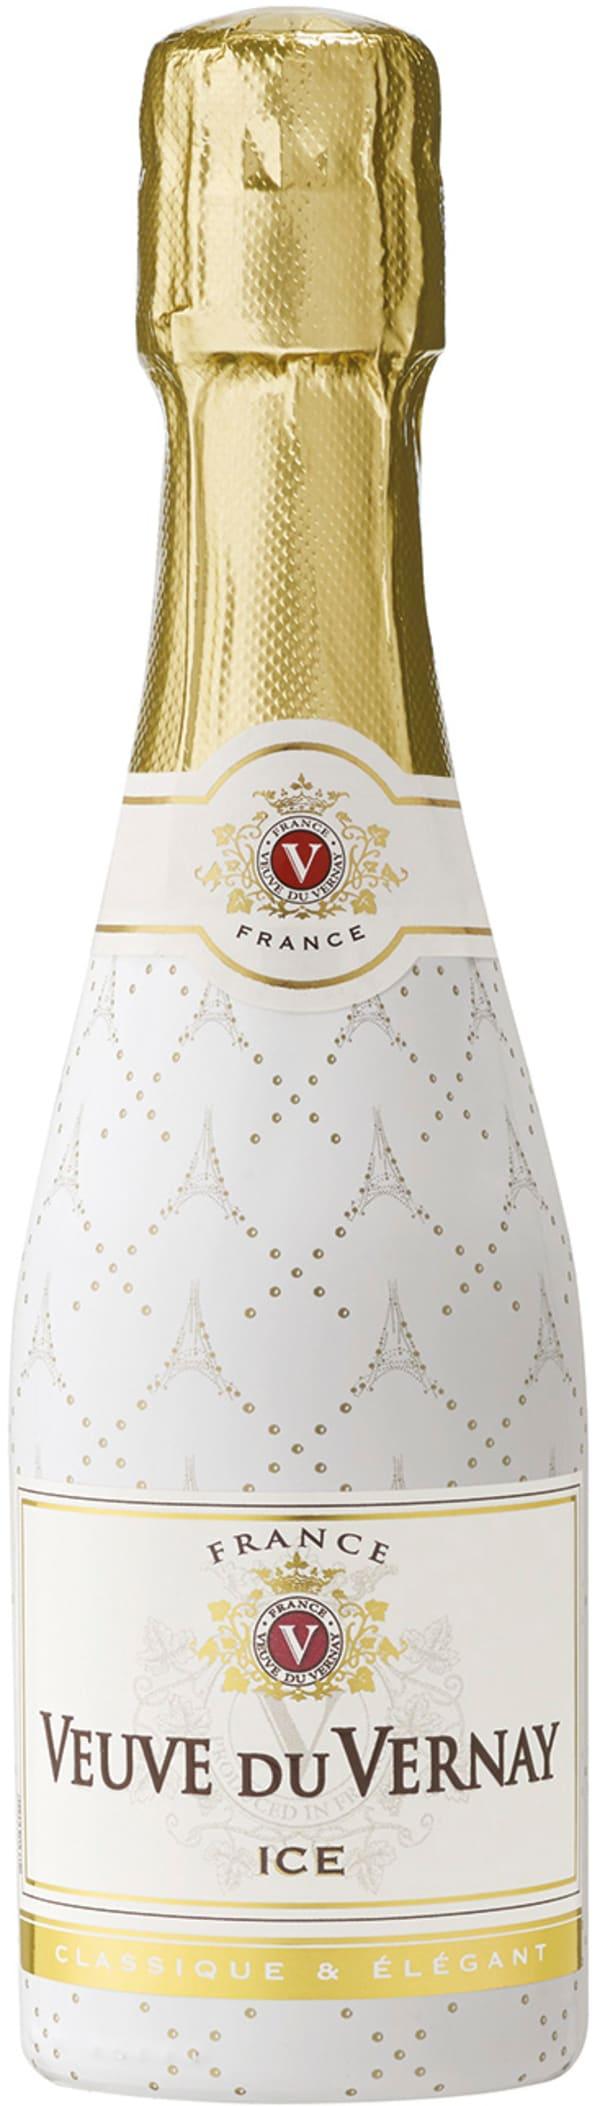 Veuve du Vernay Ice Demi-Sec